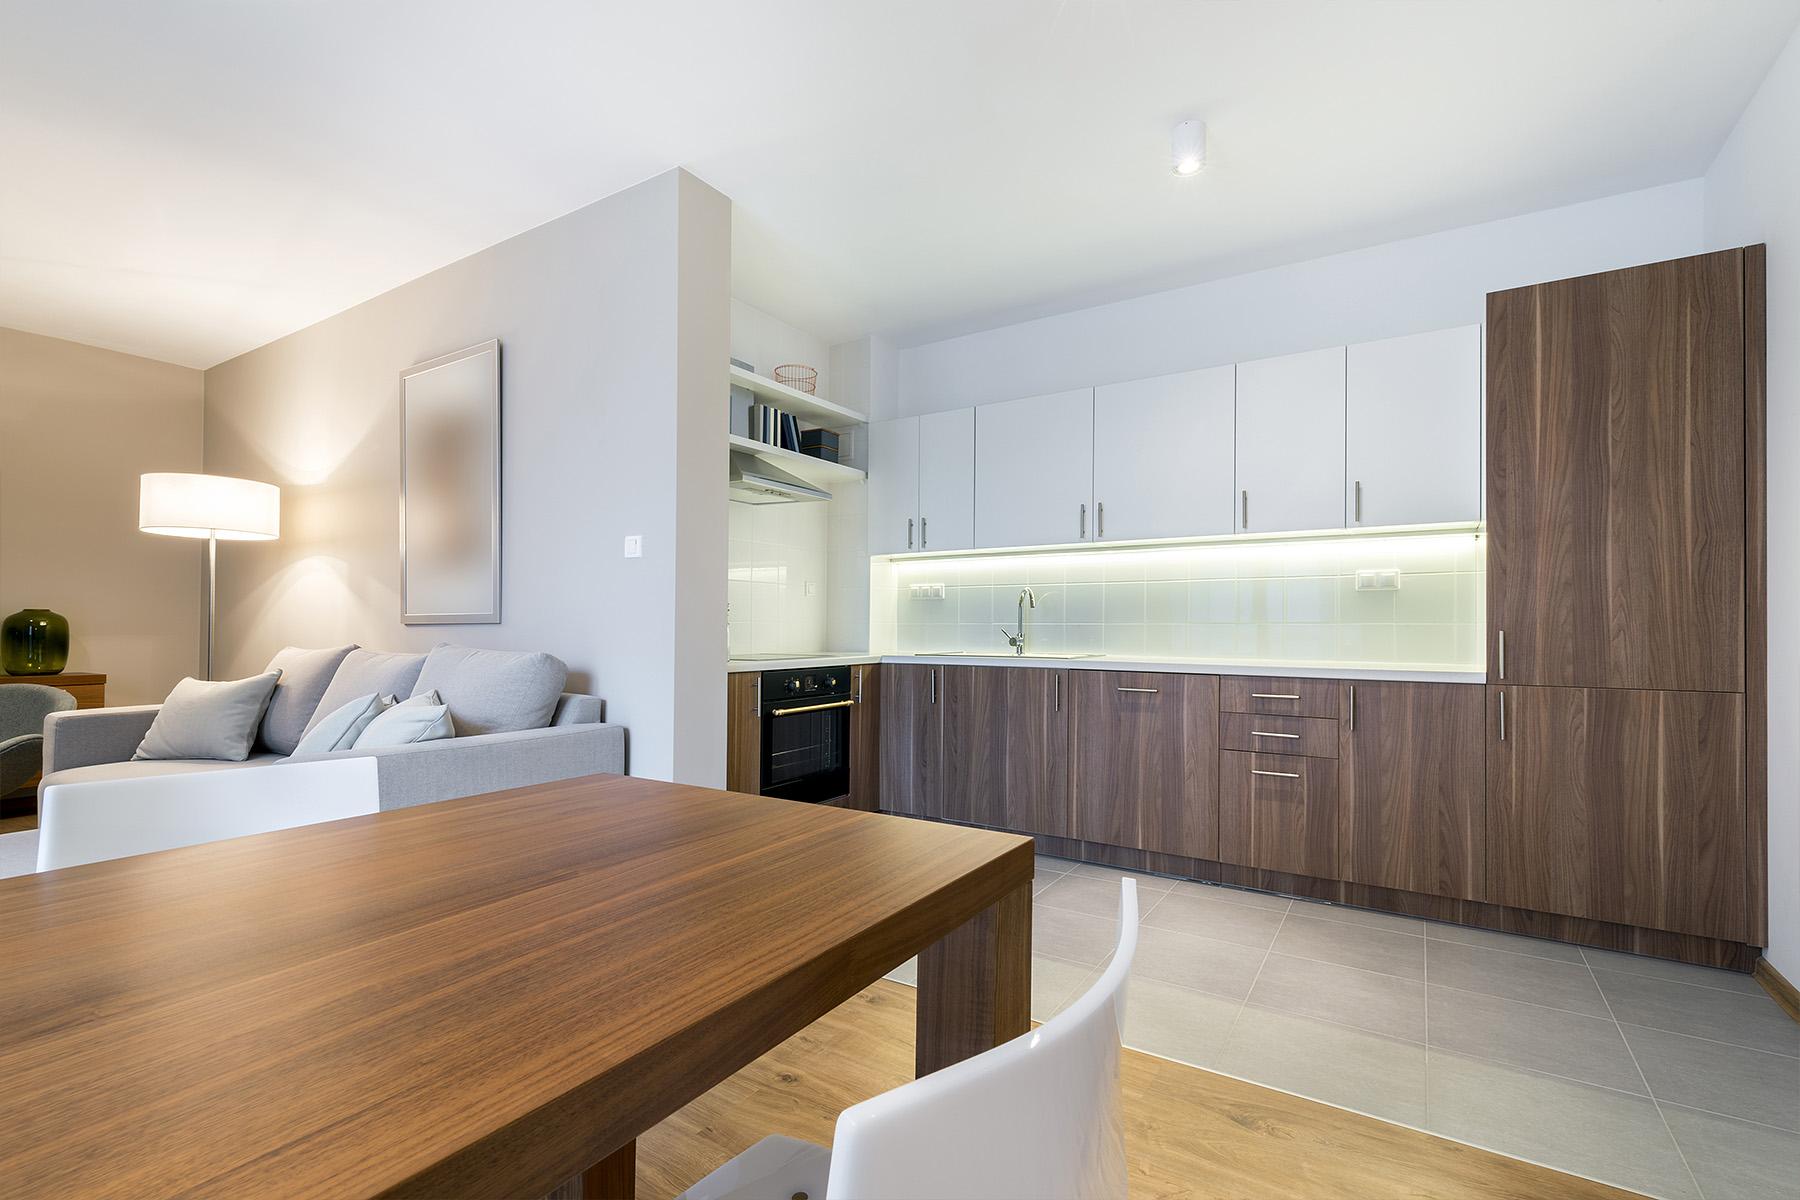 temoin et jumeau david iltis architecte d 39 int rieur mulhouse david iltis architecte d. Black Bedroom Furniture Sets. Home Design Ideas